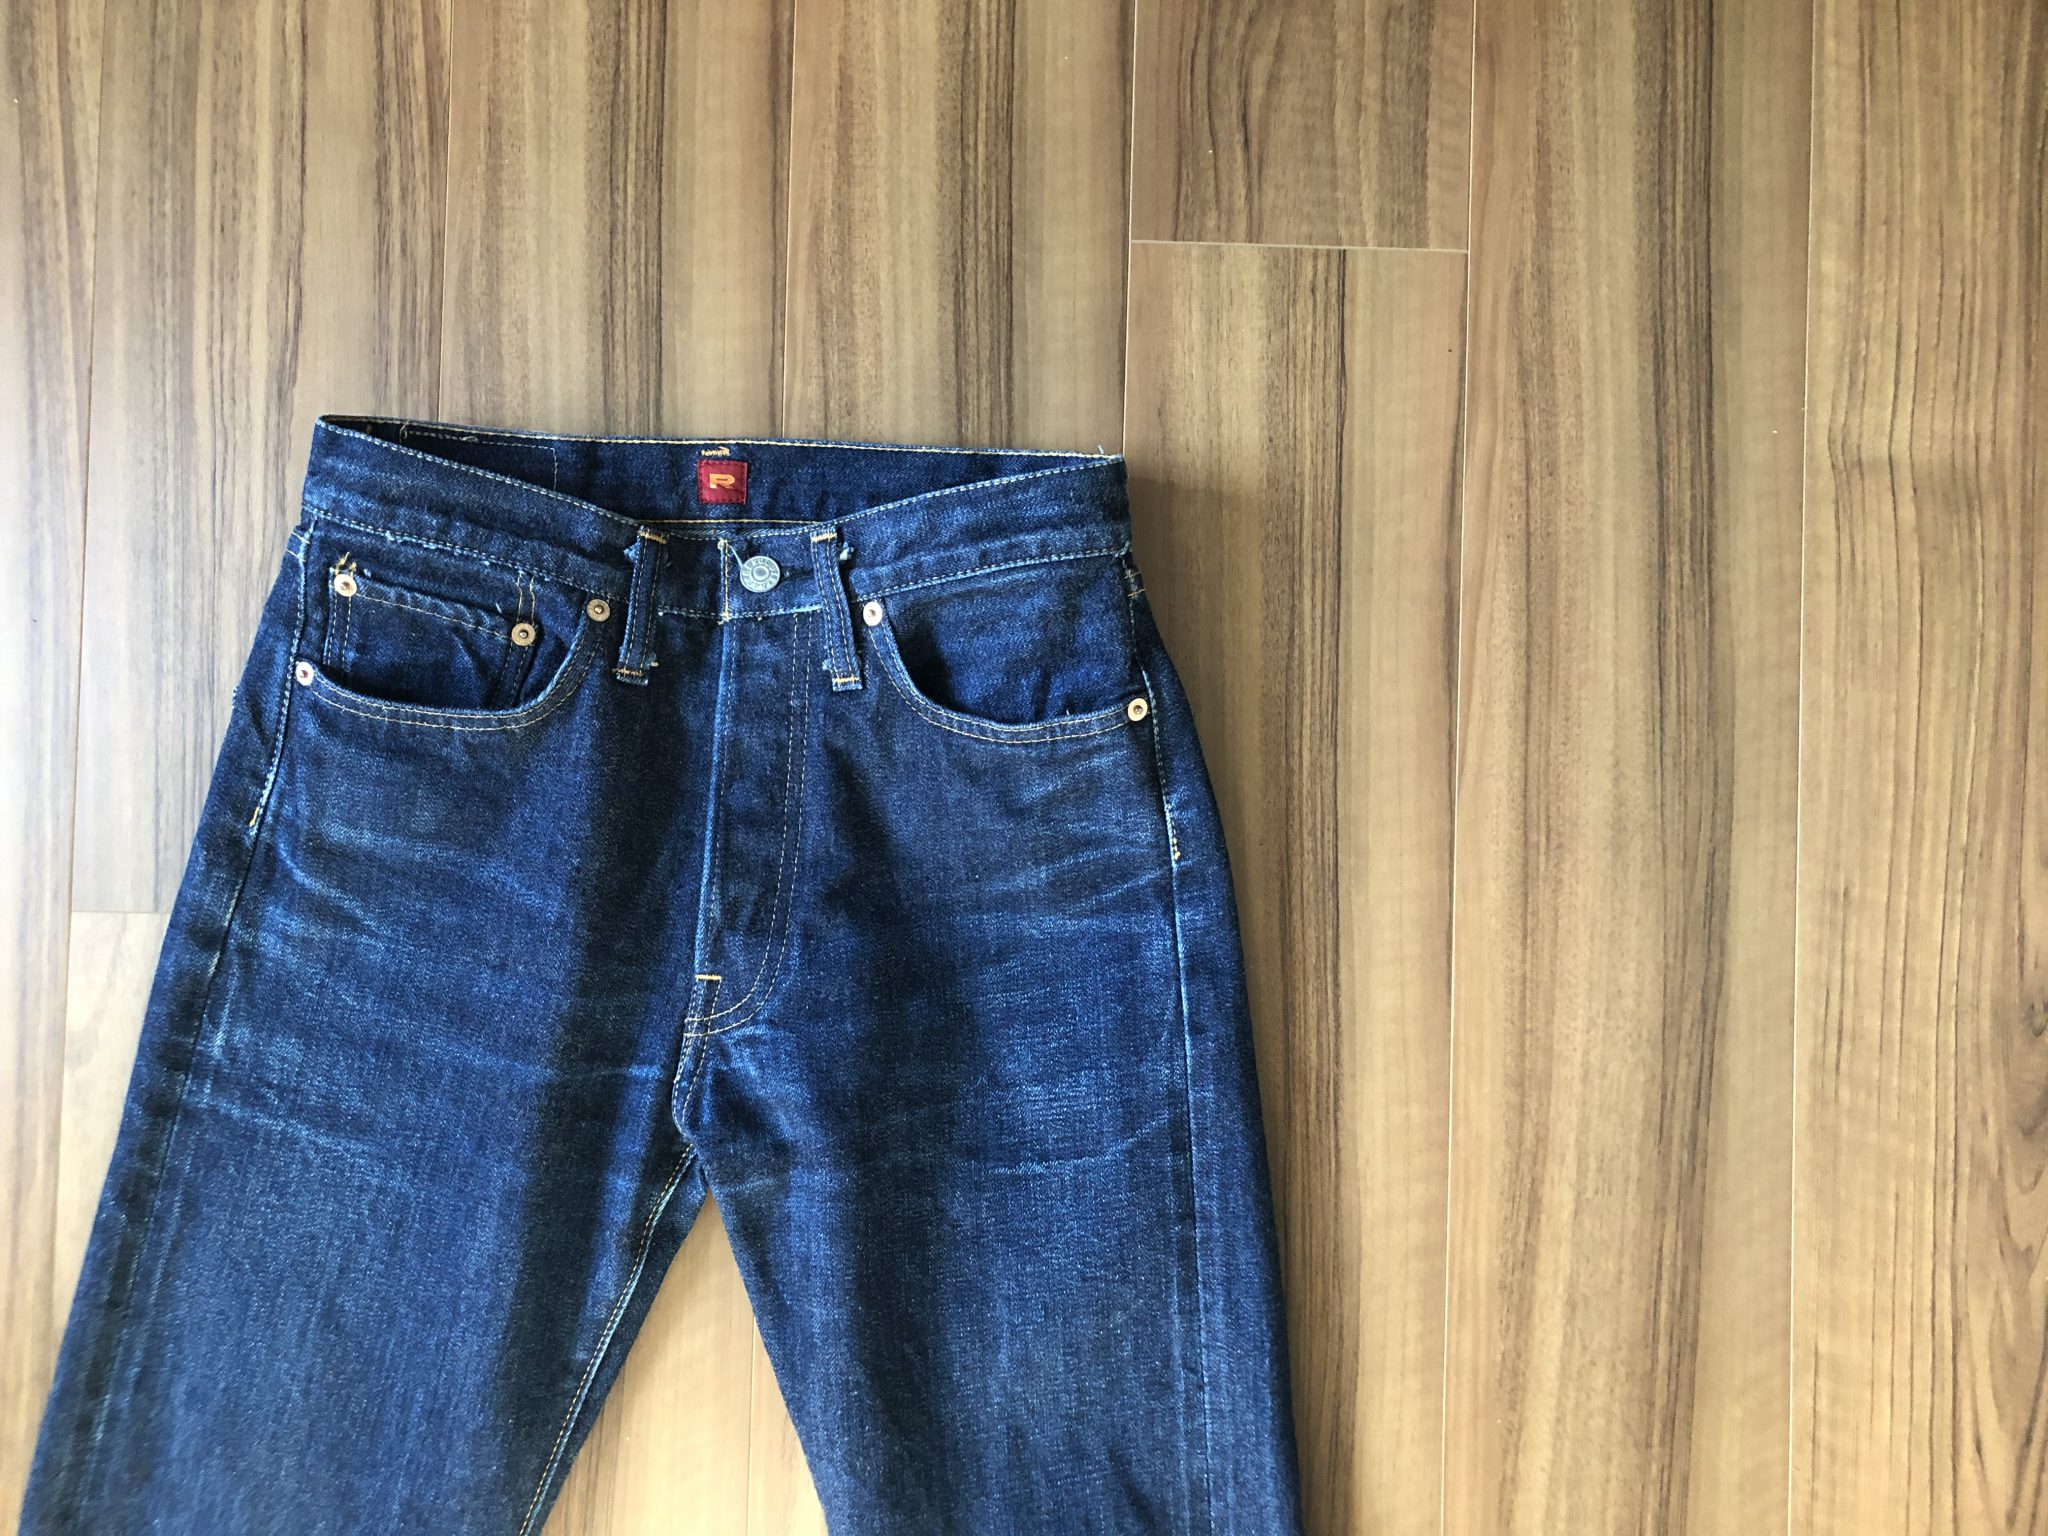 Resolute 710(リゾルト 710)|97日1120時間穿いて10回目の洗濯~購入当時とエイジング(経年変化)を比較します。